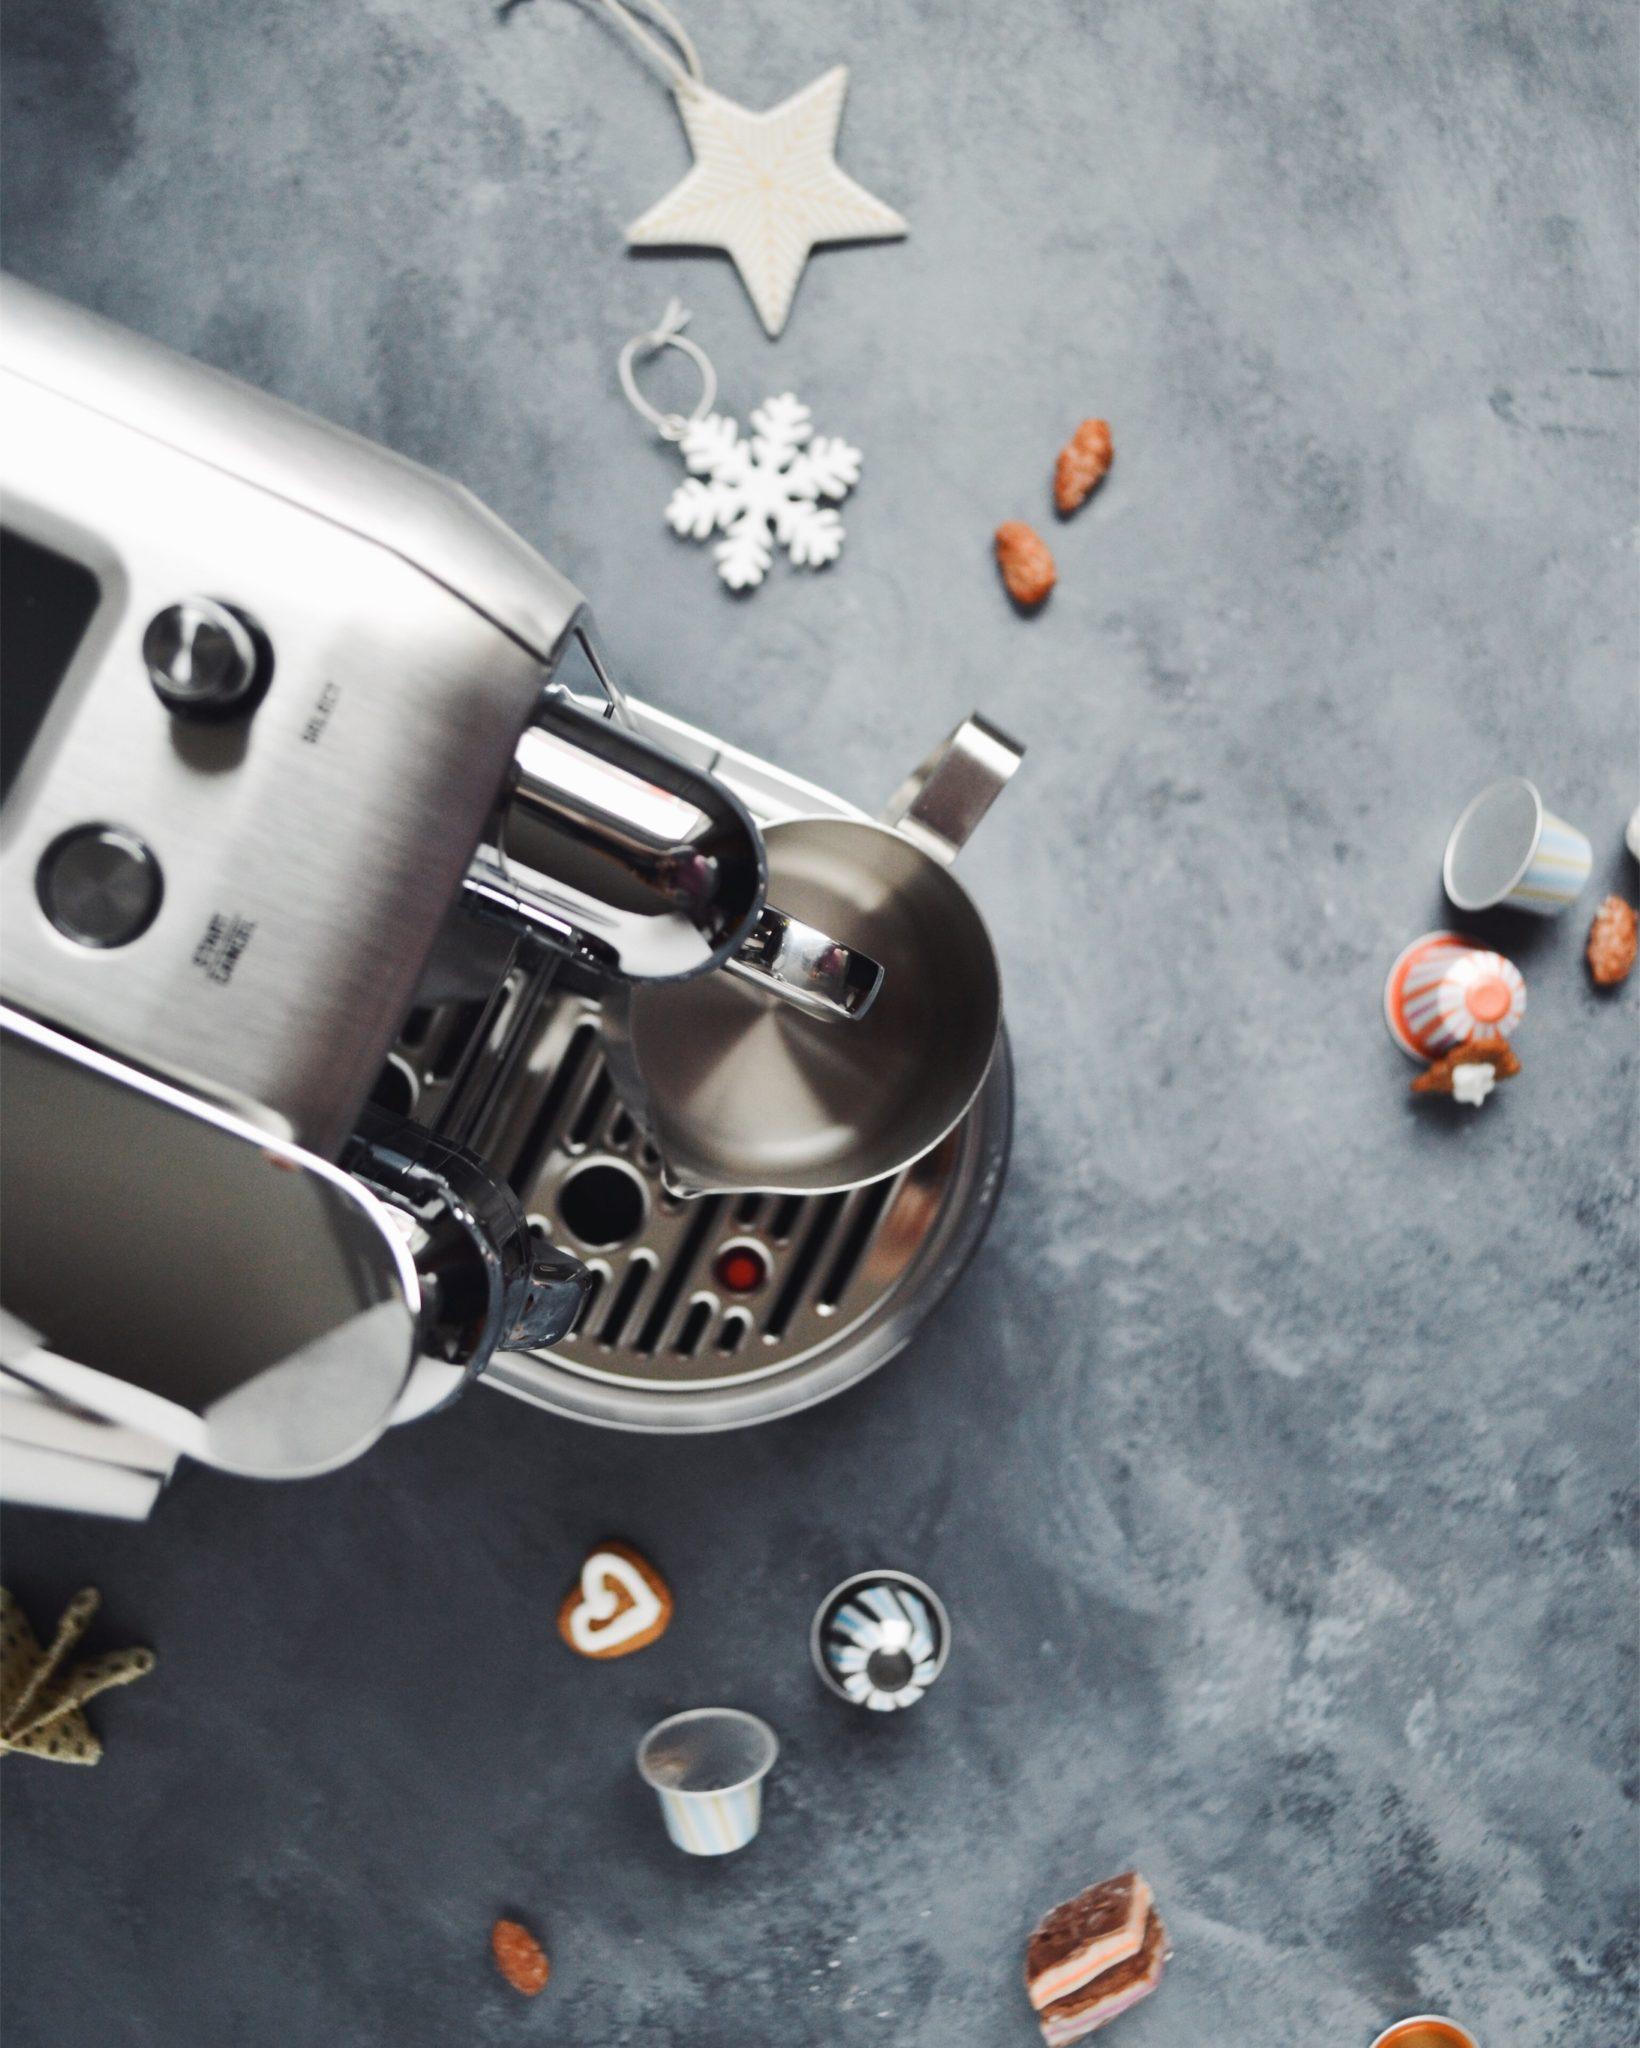 Kaffe lavet på kærlighed og kapsler // Give away - vind en valgfri Nespresso kaffemaskine! 4